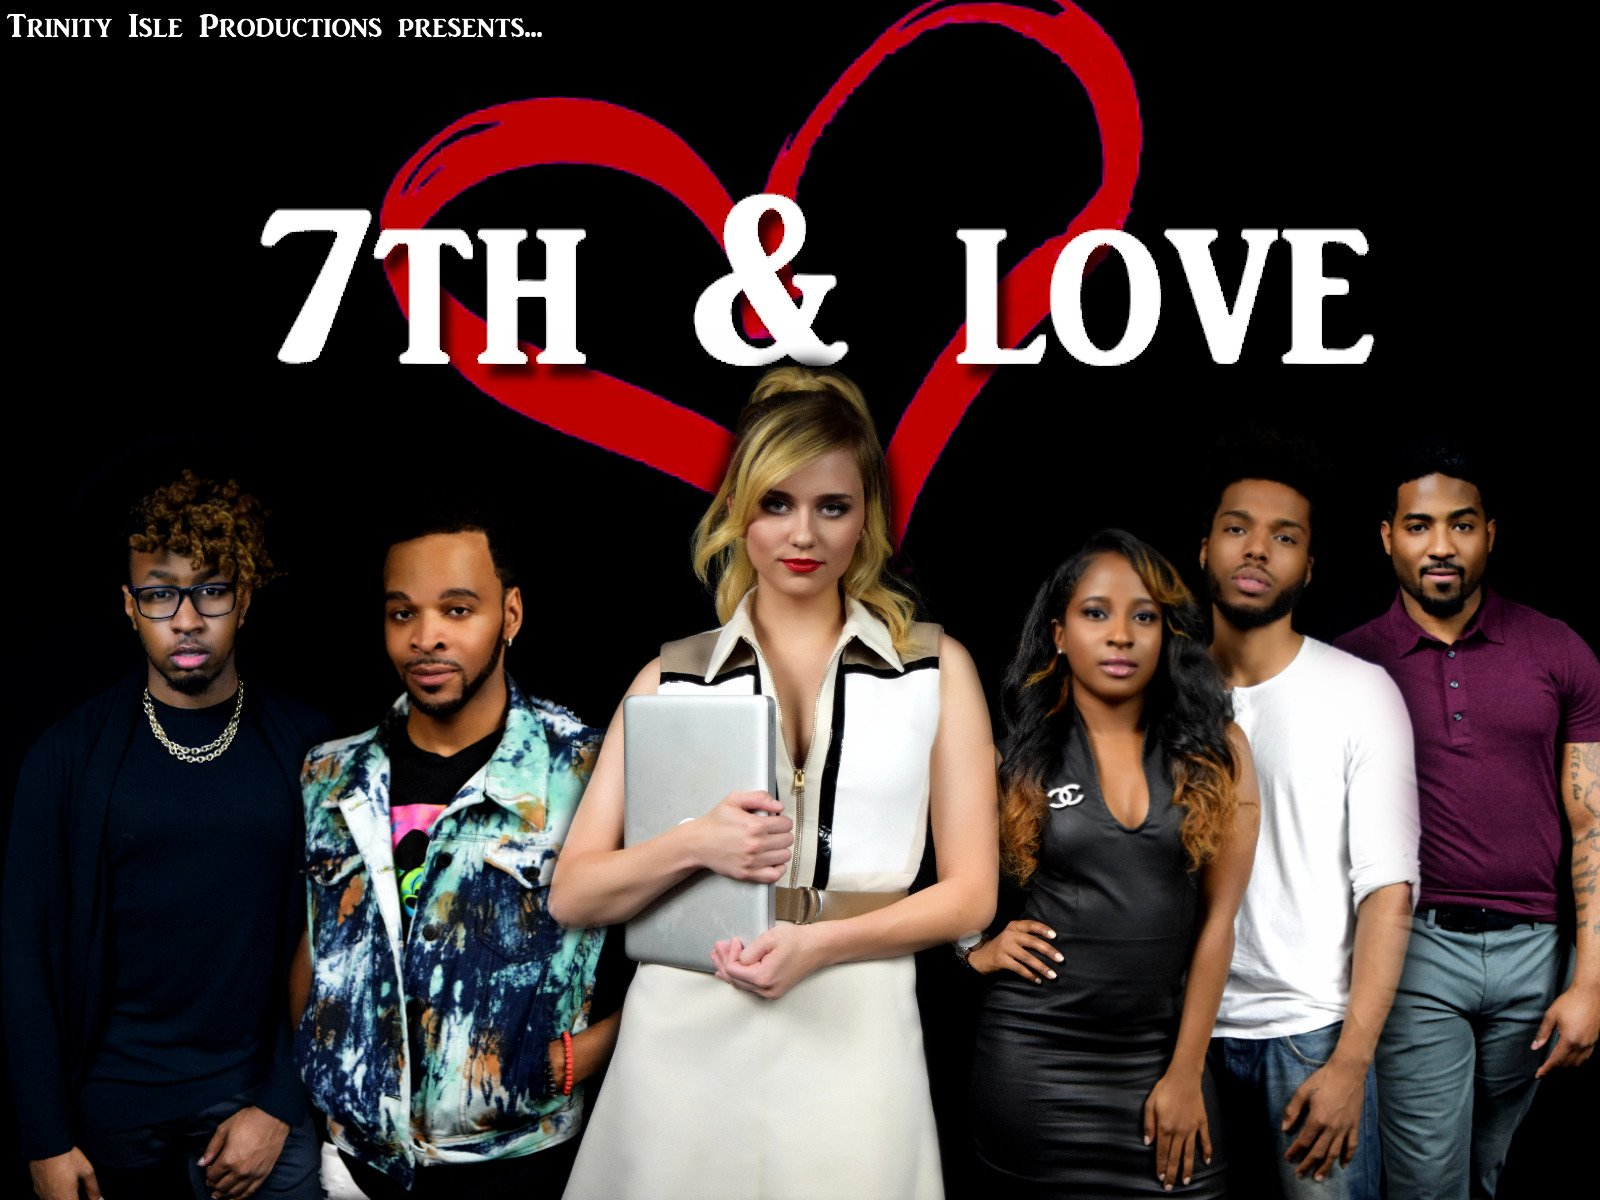 7th & Love - Season 1